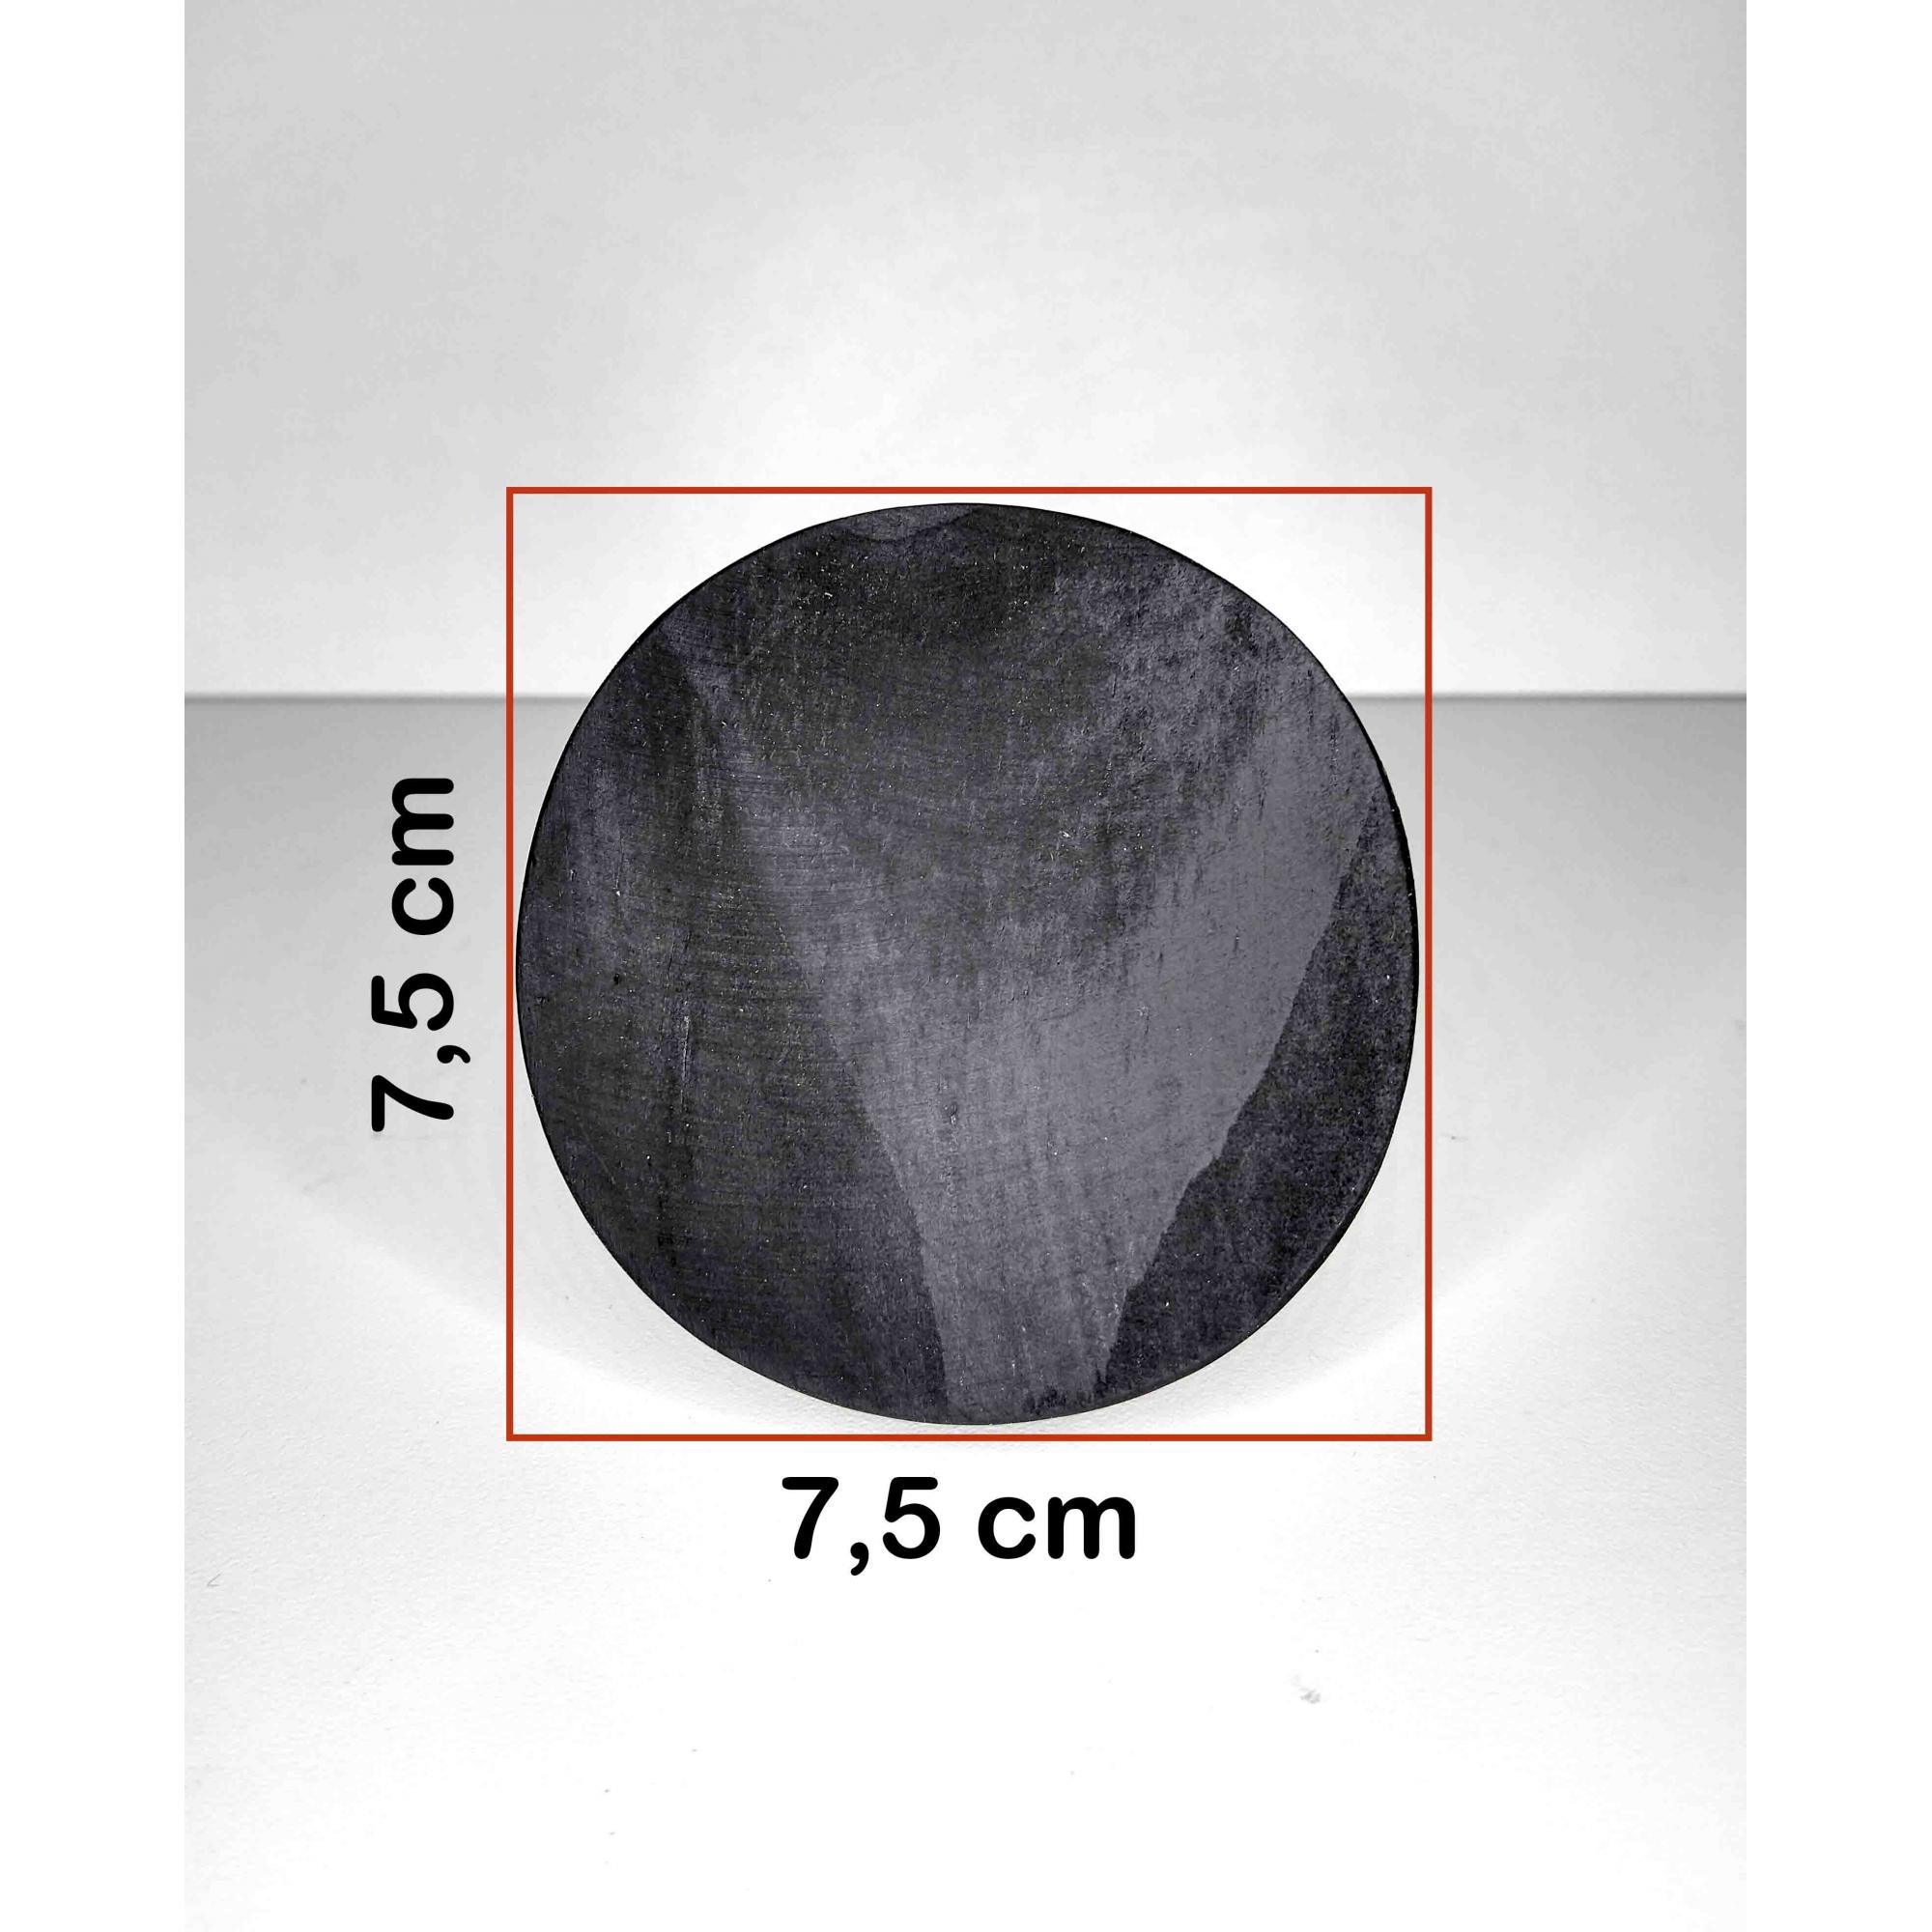 Cabide de Madeira Redondo Pinus Preto 7,5 cm Diâmetro - Unidade